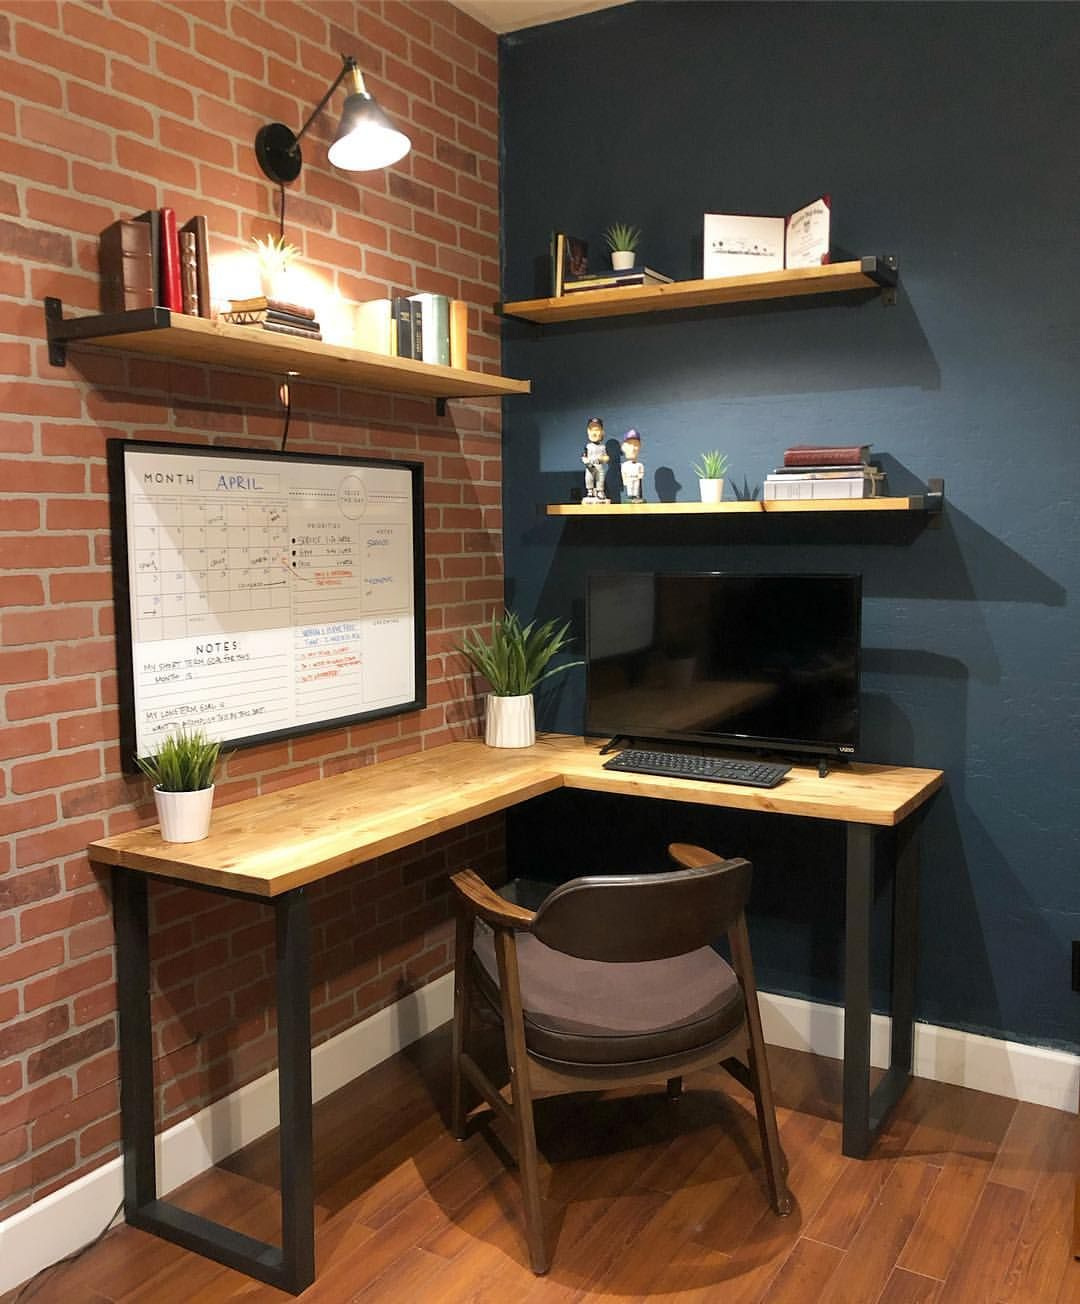 House Of Rumours Houseofrumours Corner Desk Shelves Desk In Living Room Diy Corner Desk Home Office Setup